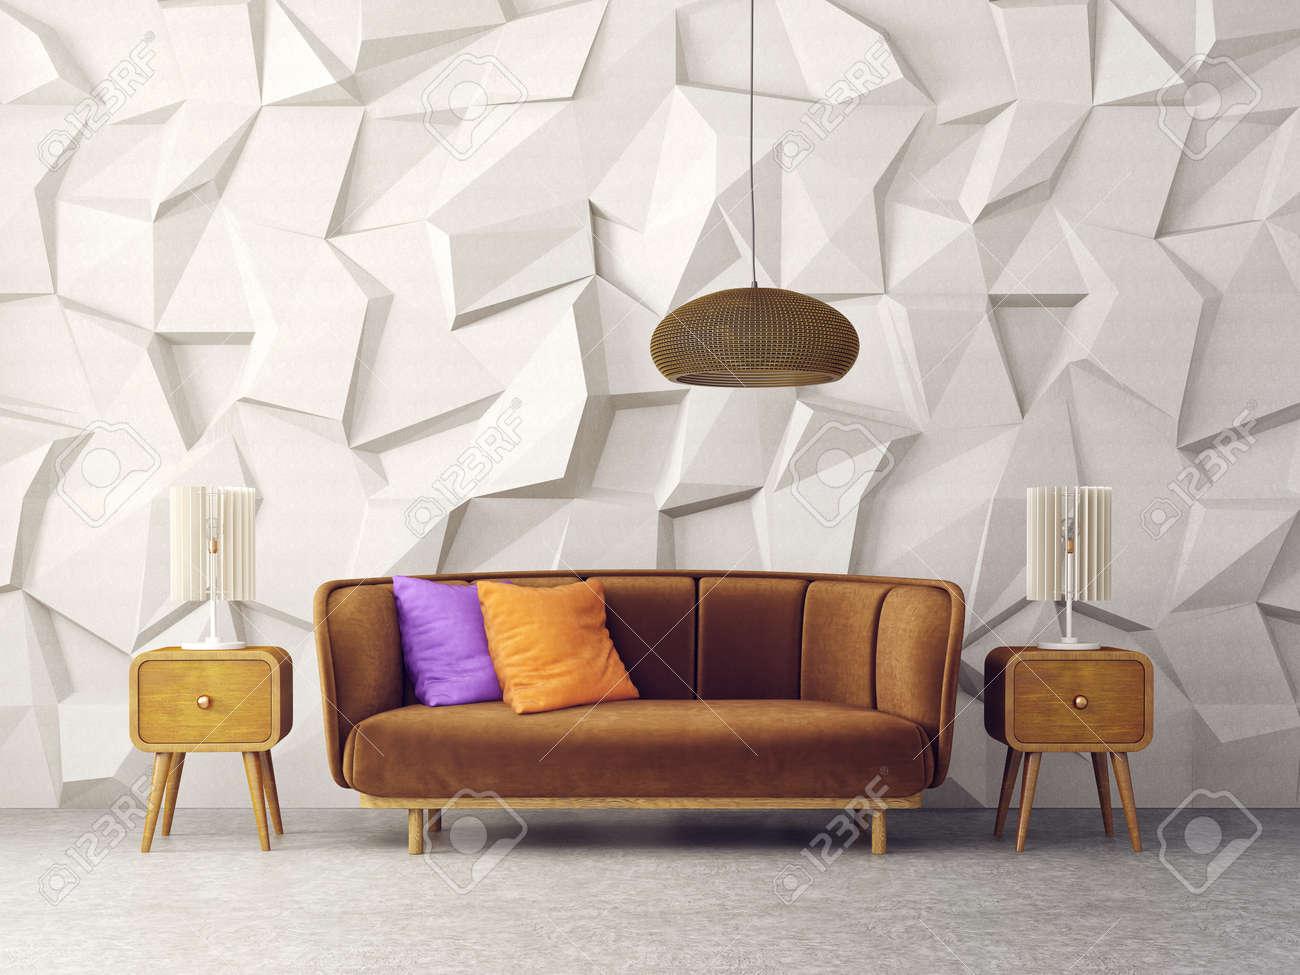 Modernes Wohnzimmer Mit Braunem Sofa Und Lampe Skandinavische